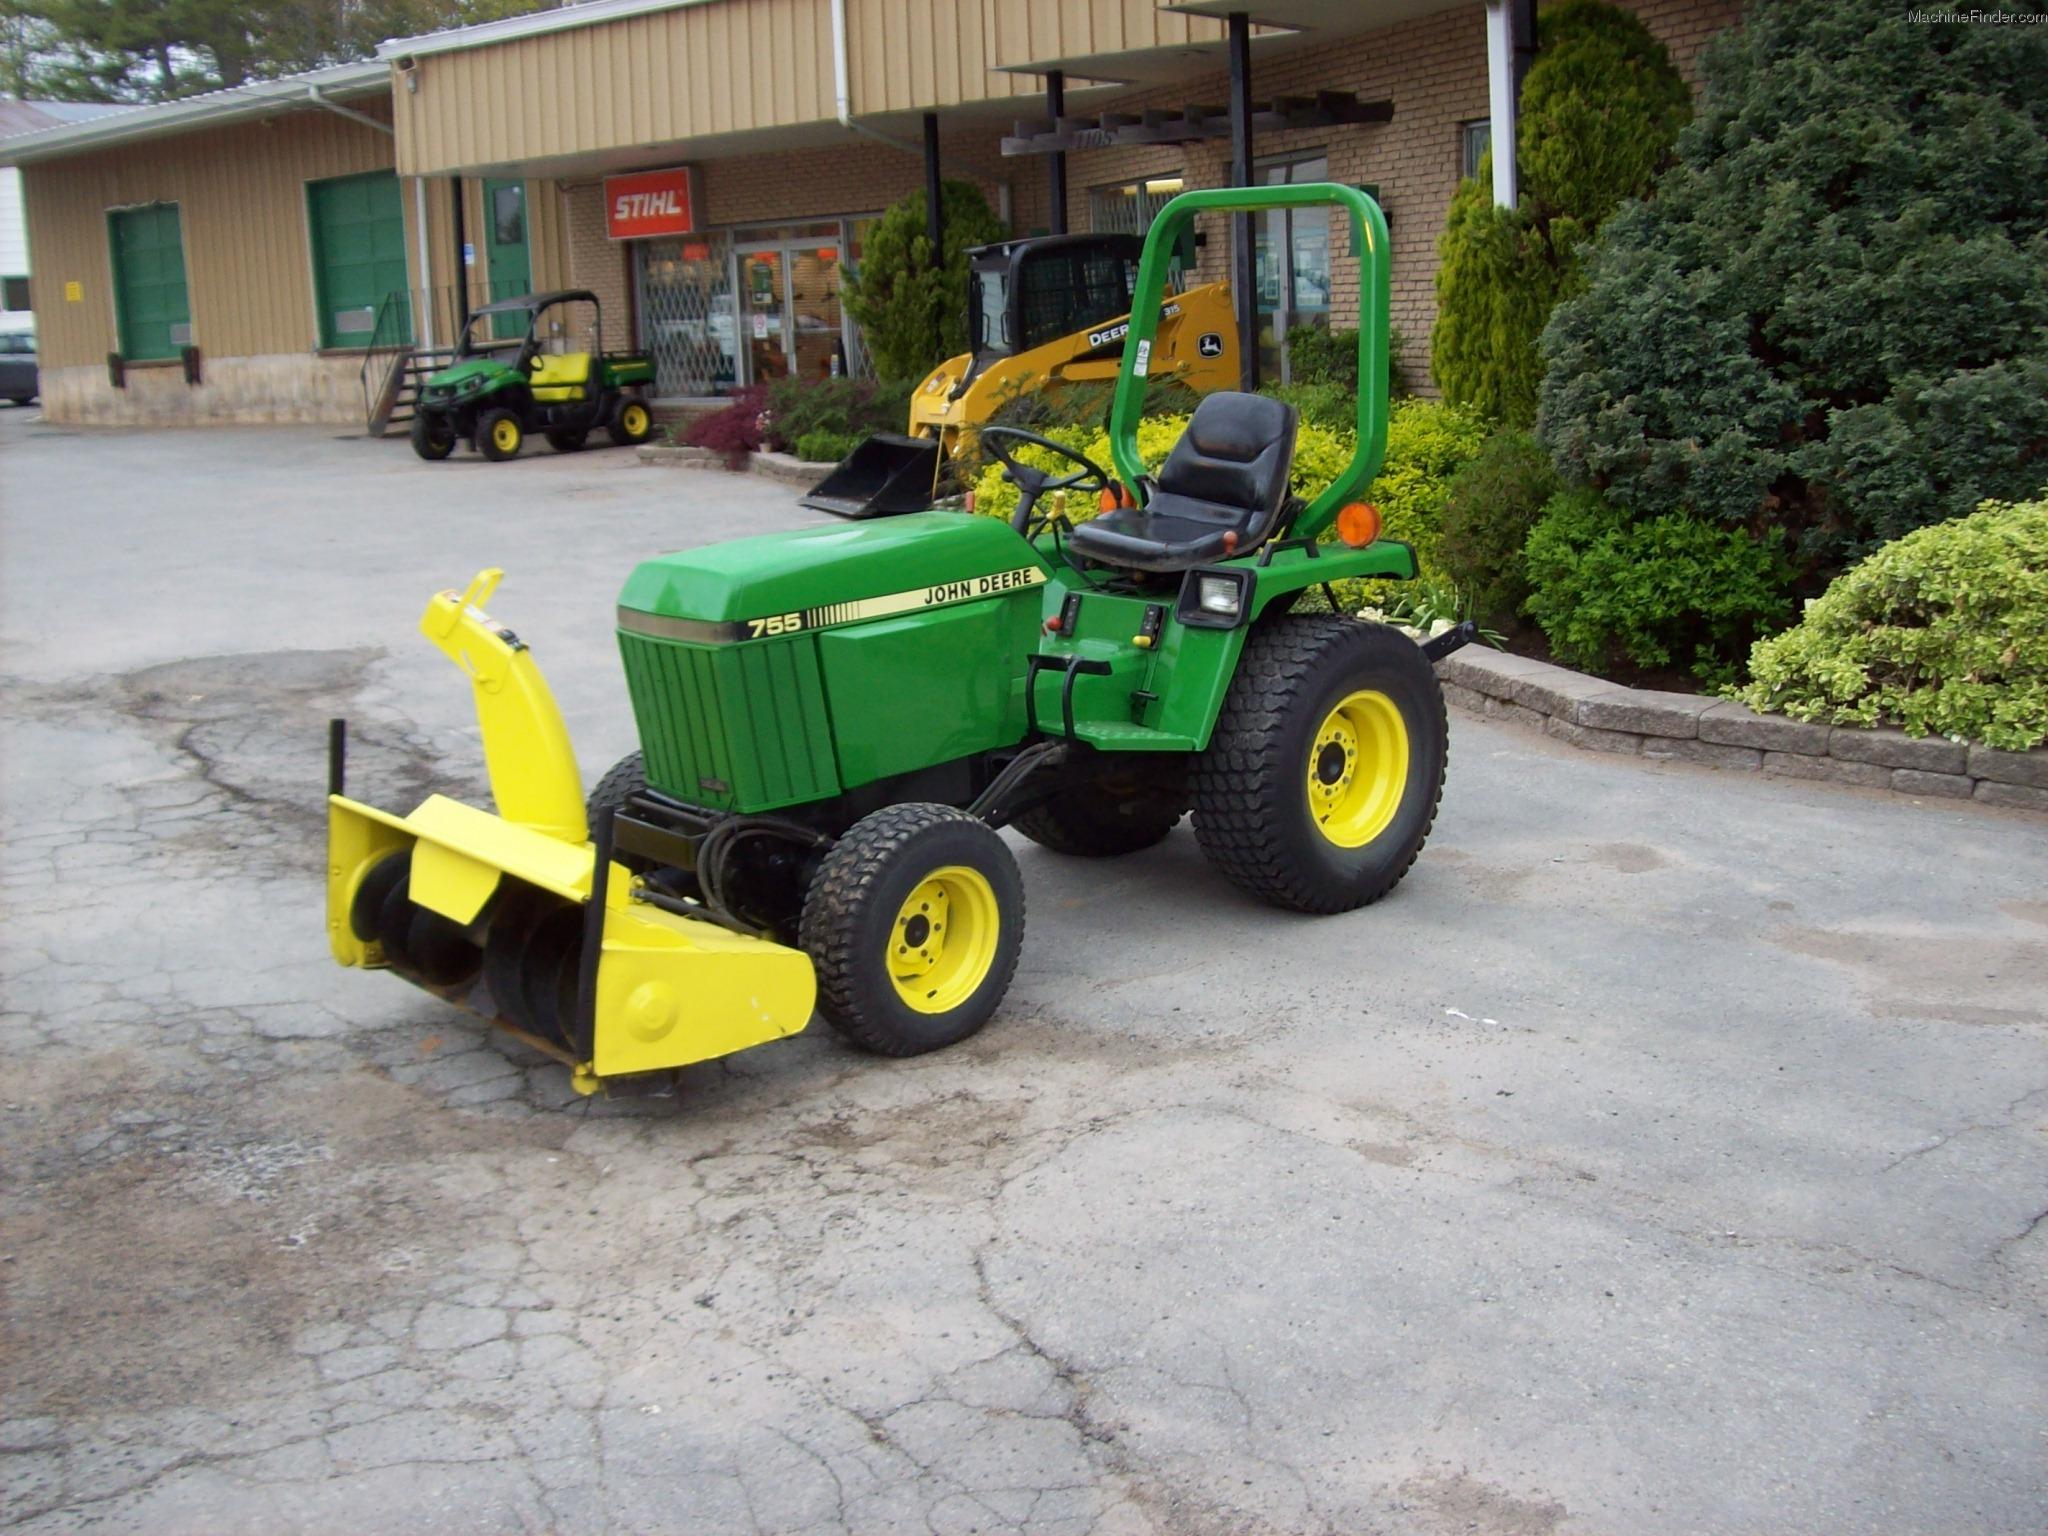 1989 john deere 755 tractors compact 1 40hp john. Black Bedroom Furniture Sets. Home Design Ideas